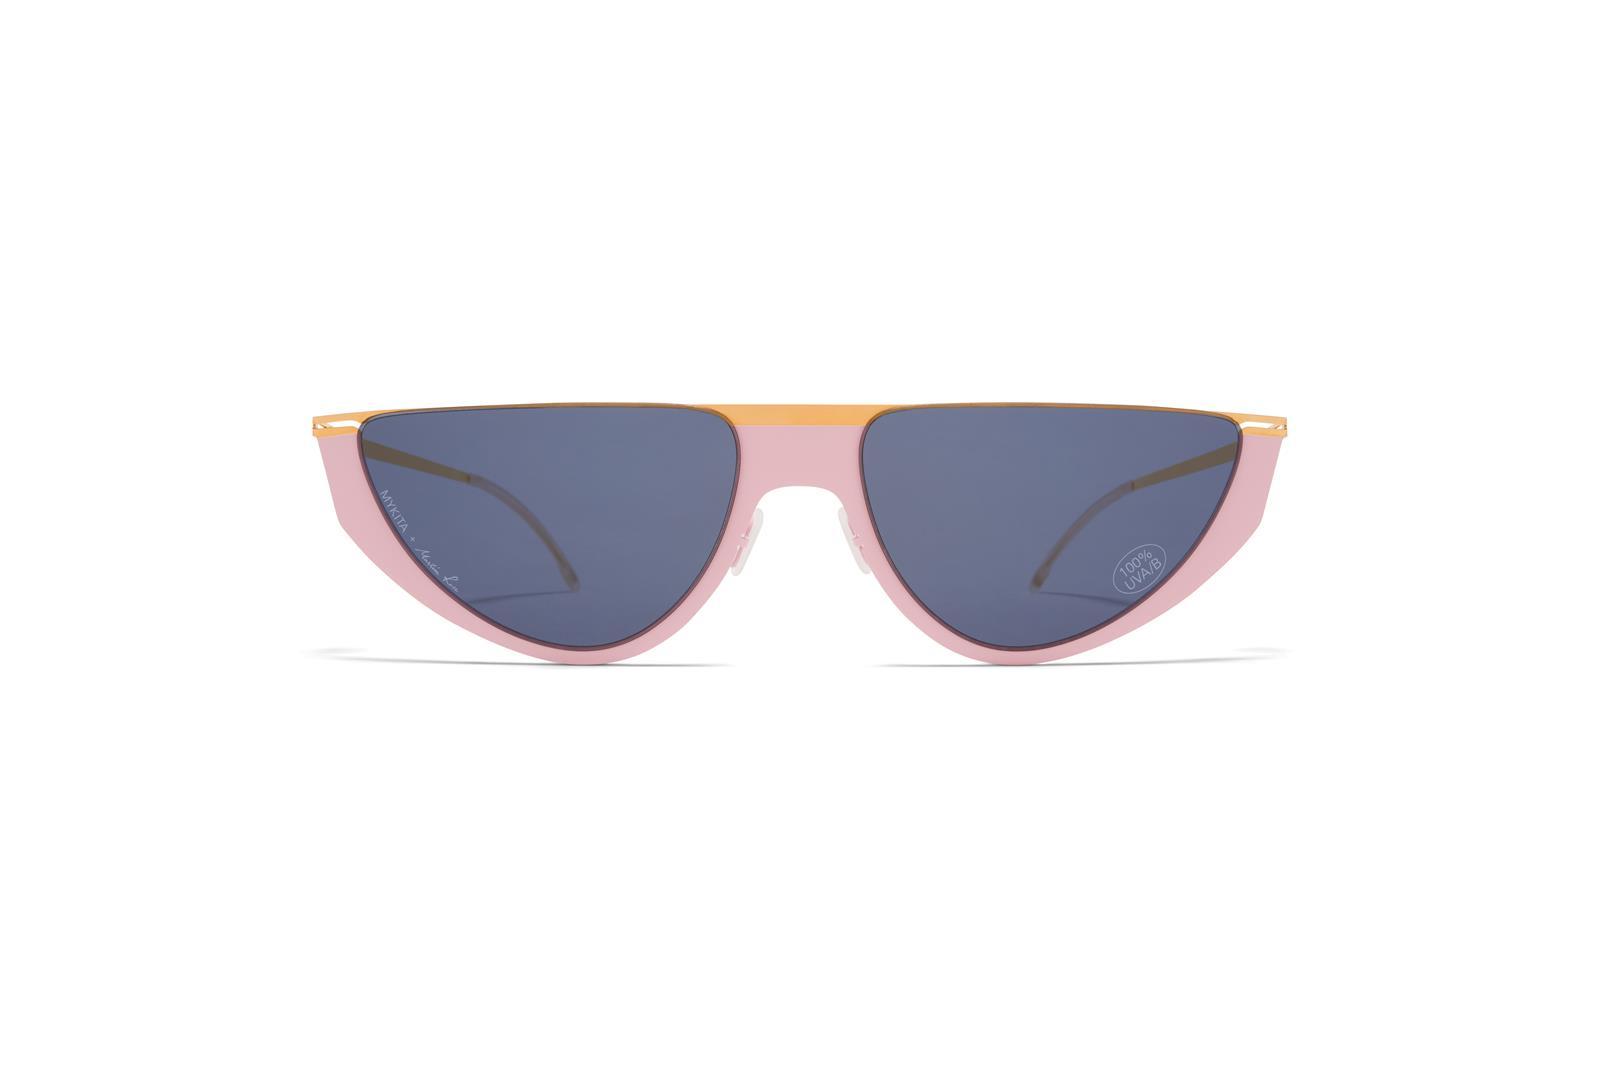 mykita martine rose sunglasses